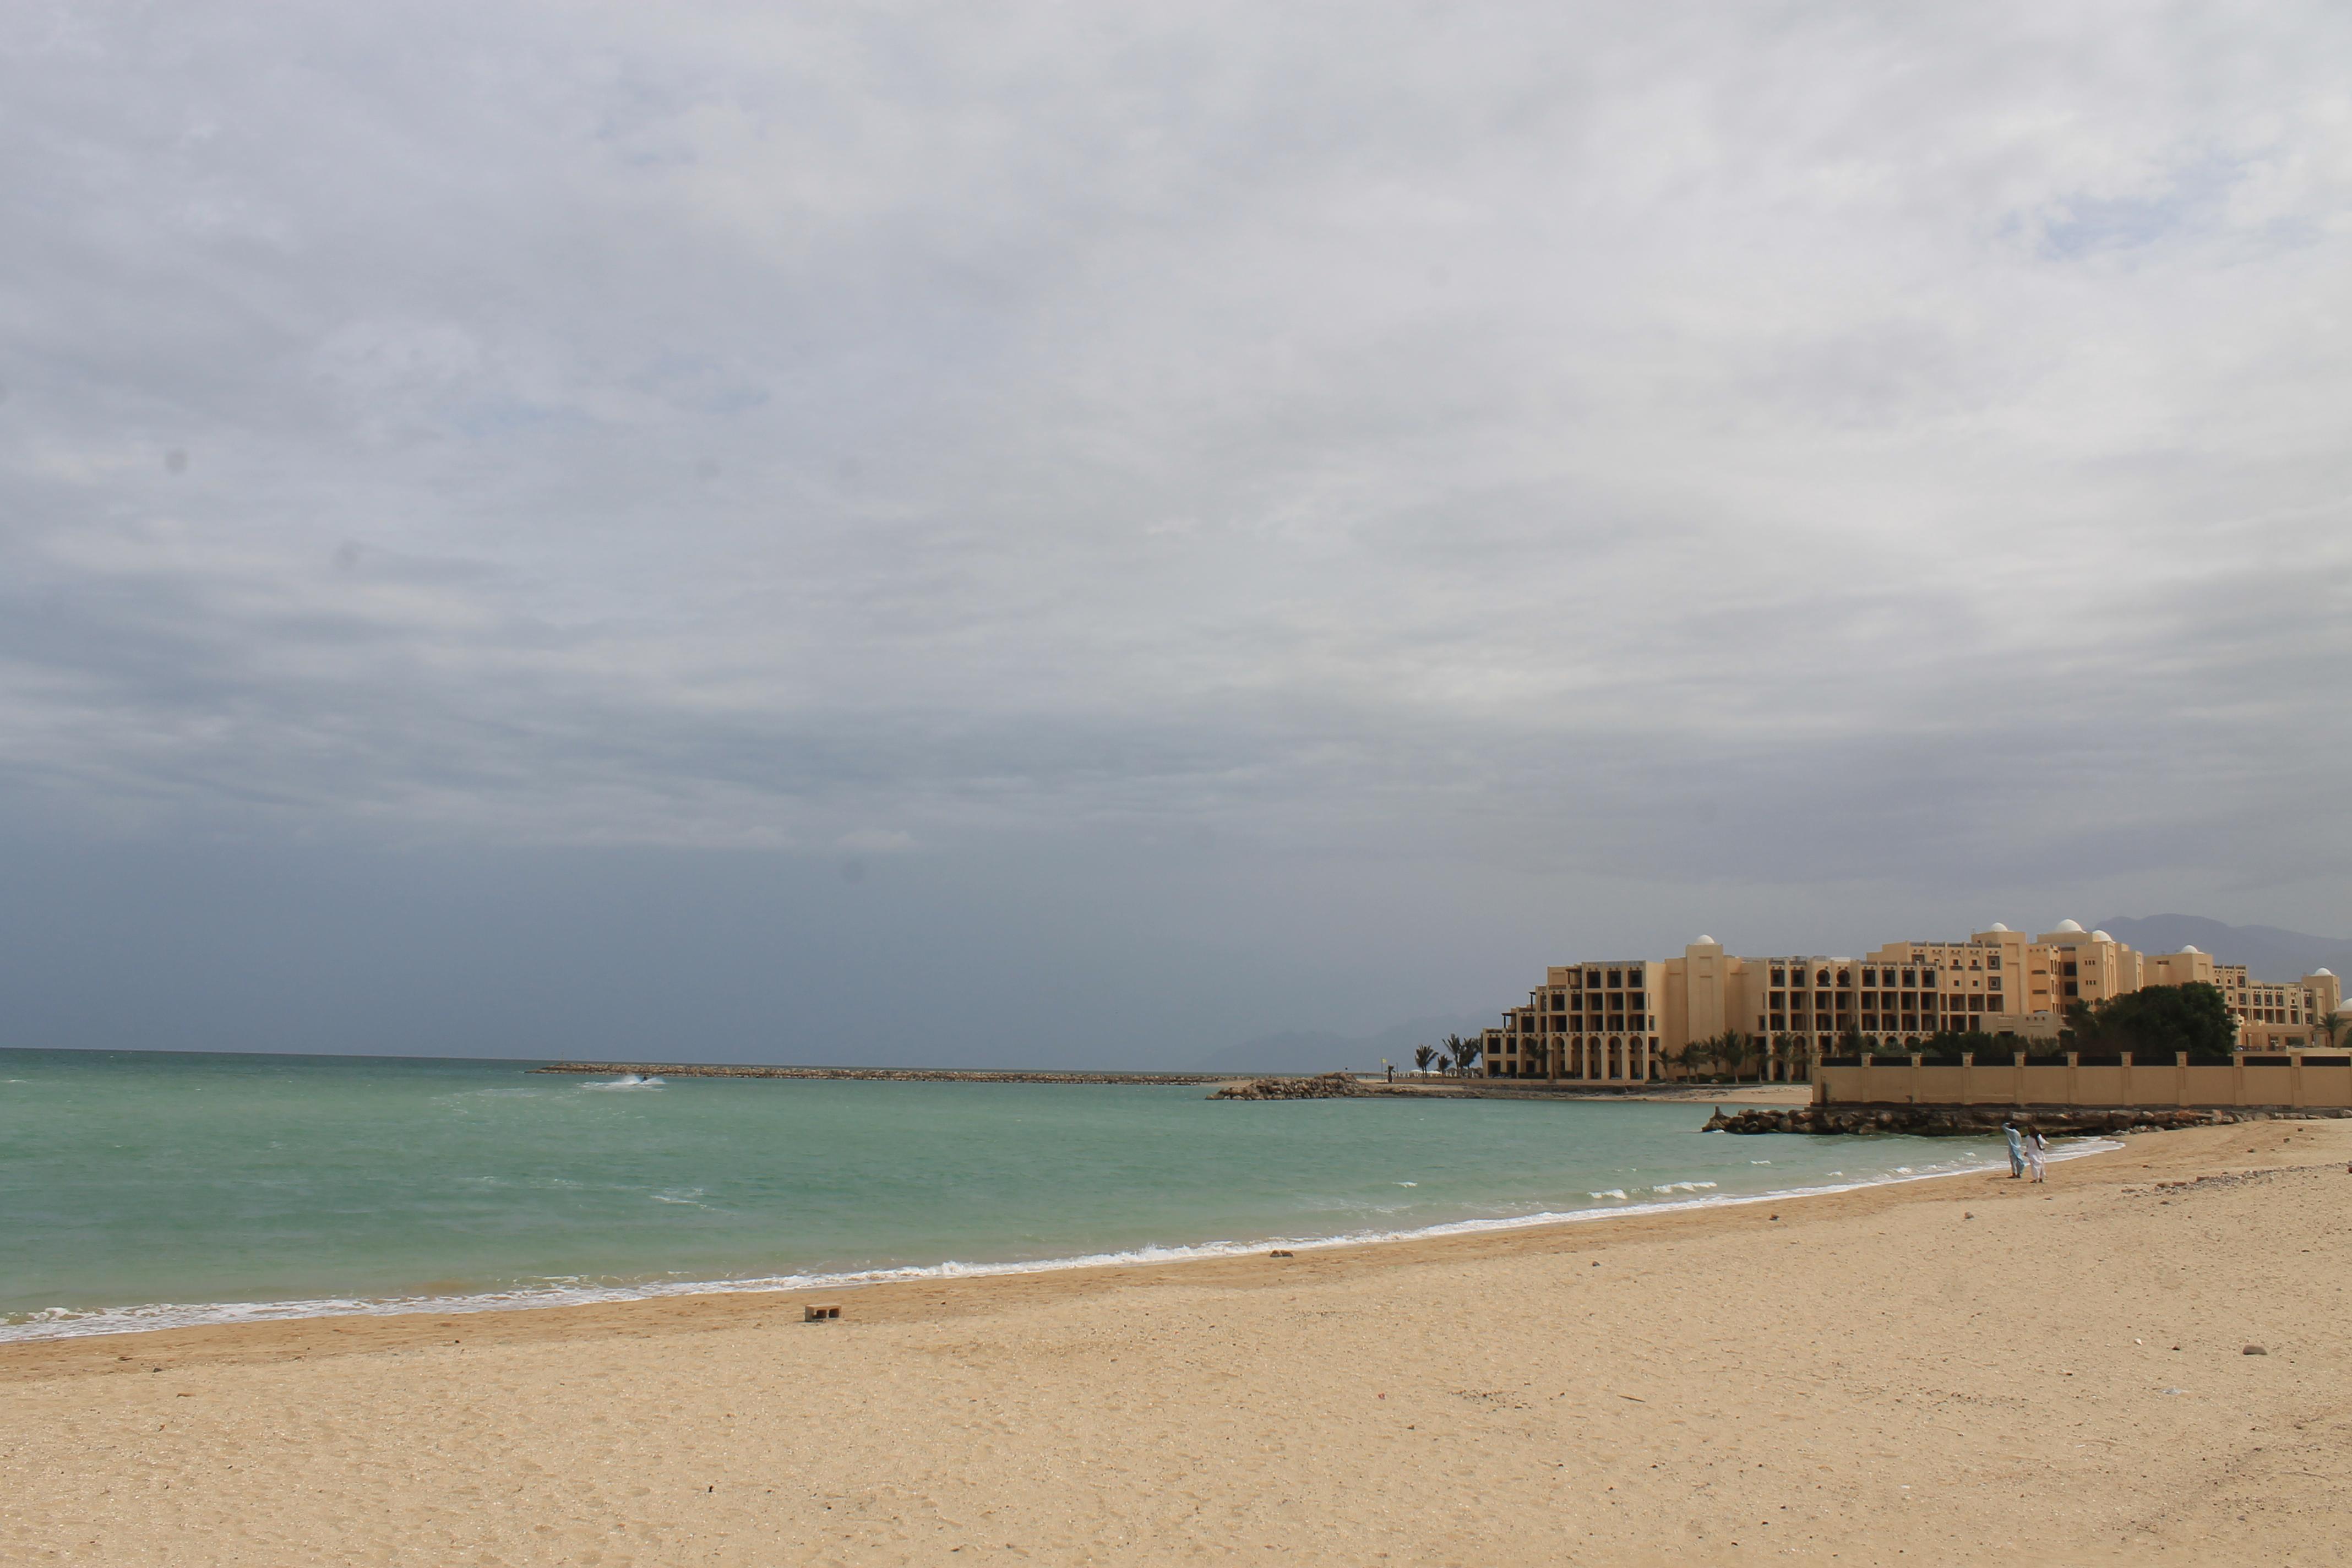 Общественный пляж около отеля Hilton